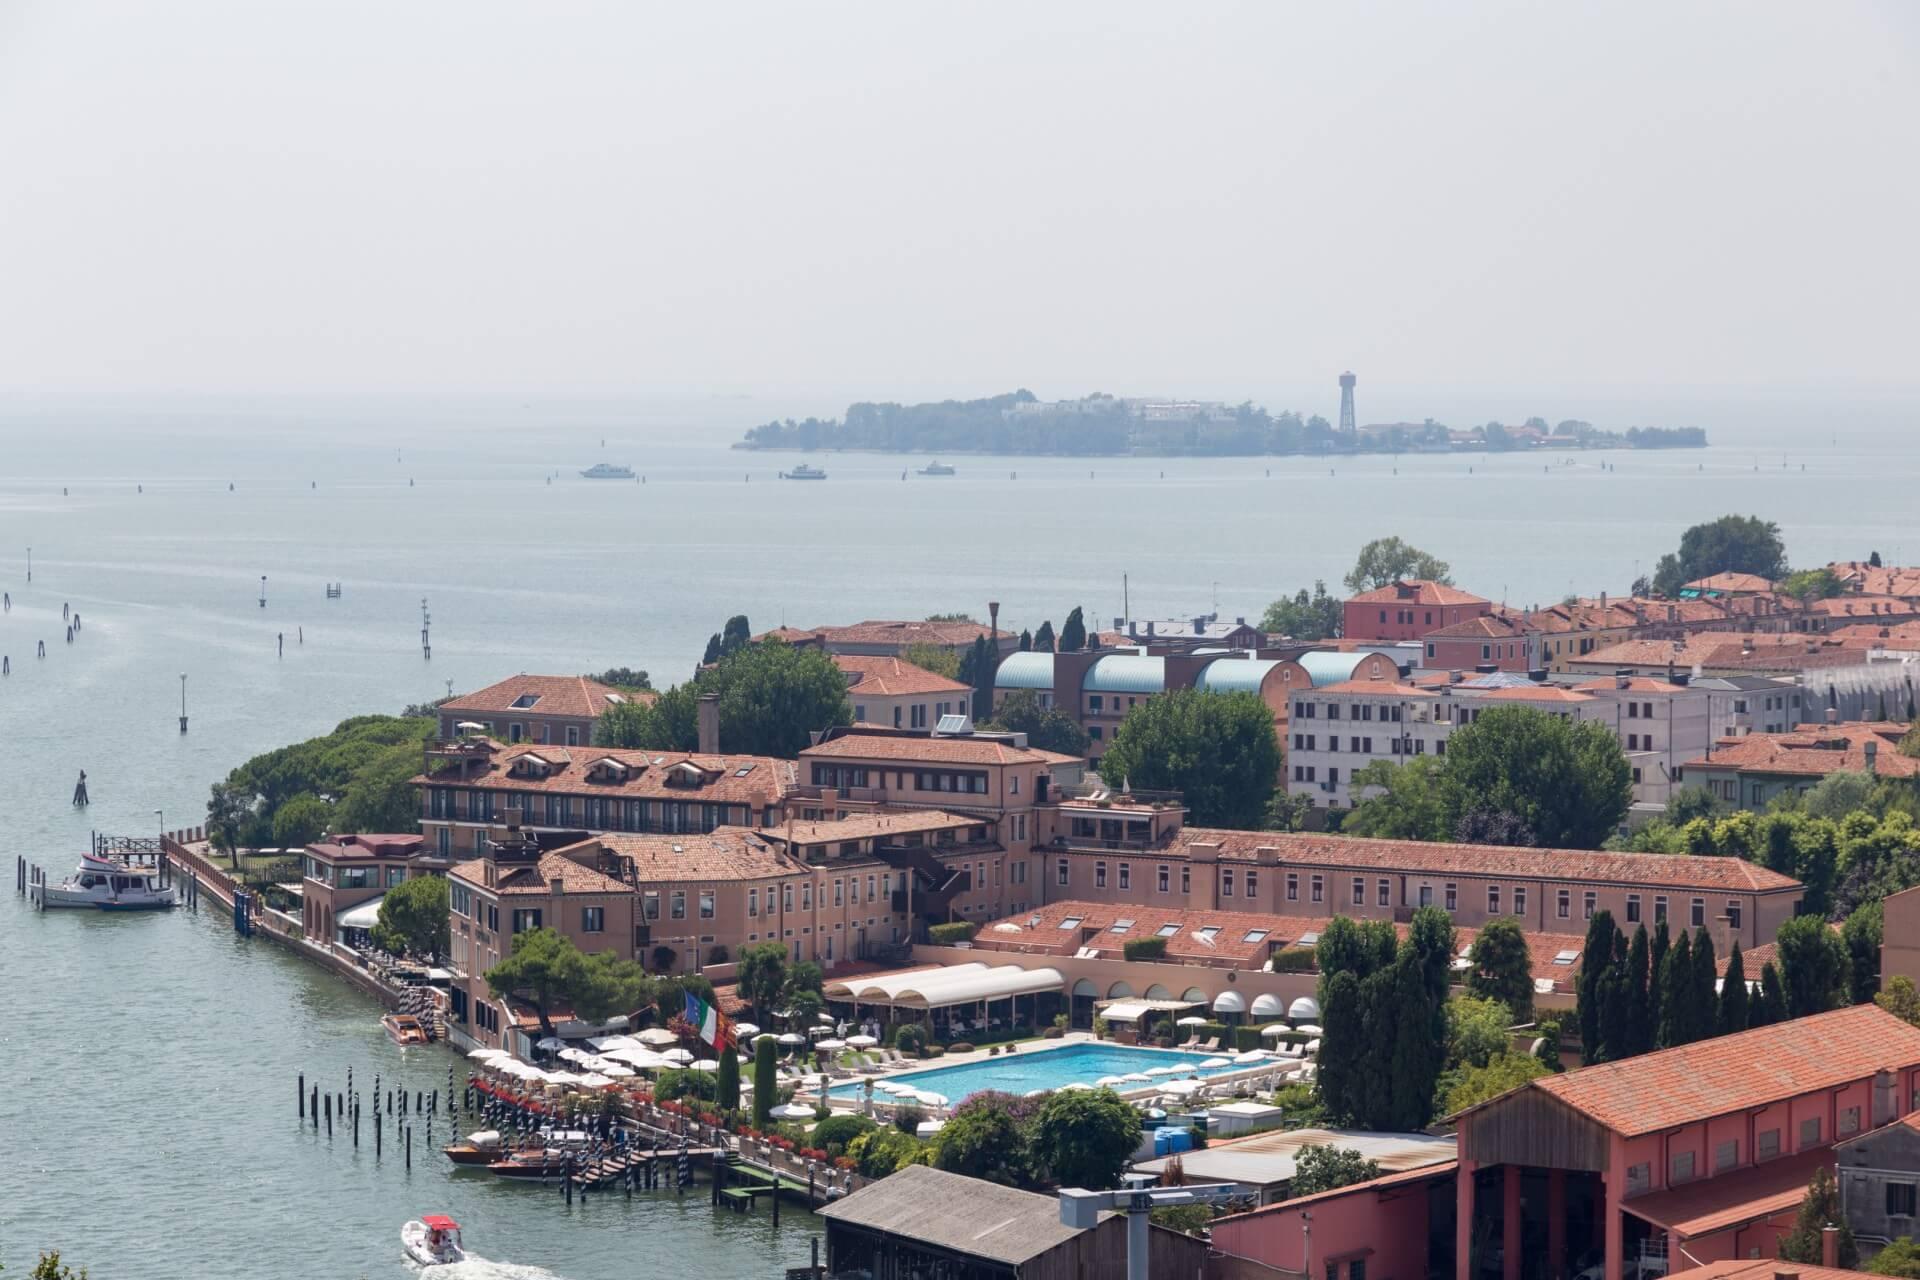 Hotel Cipriani auf Giudecca